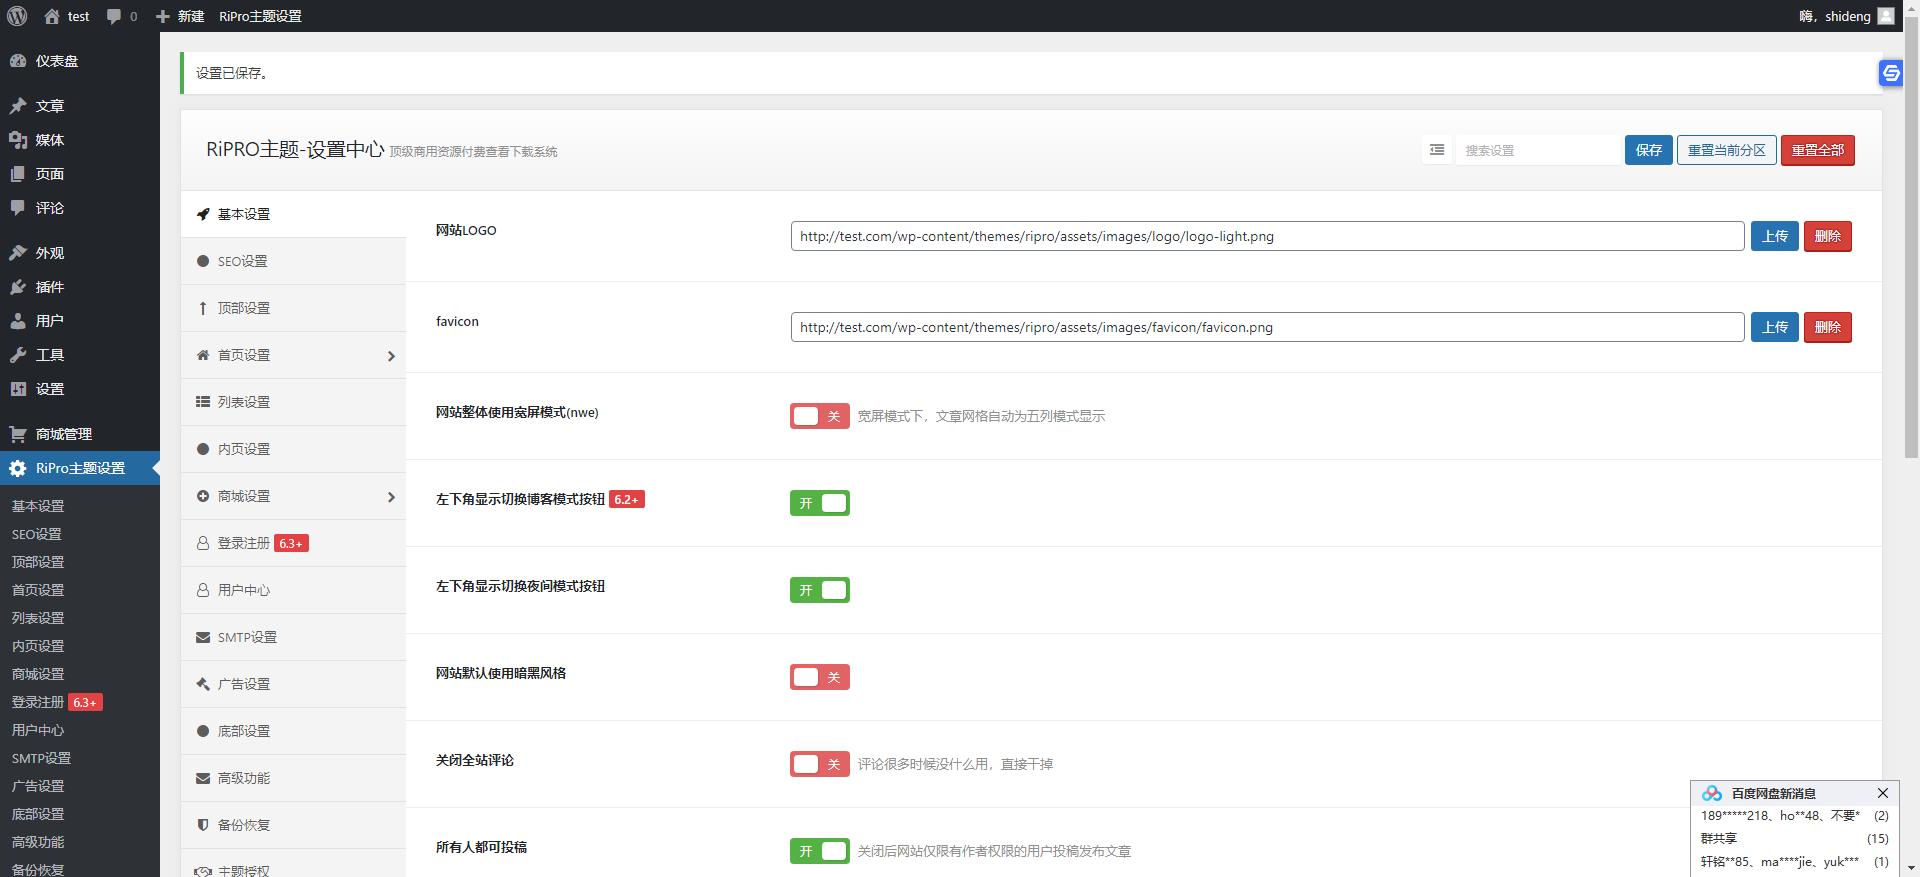 WordPress主题 专业虚拟资源主题RiProv6.3.8 免授权无限制版本已去除已知后门